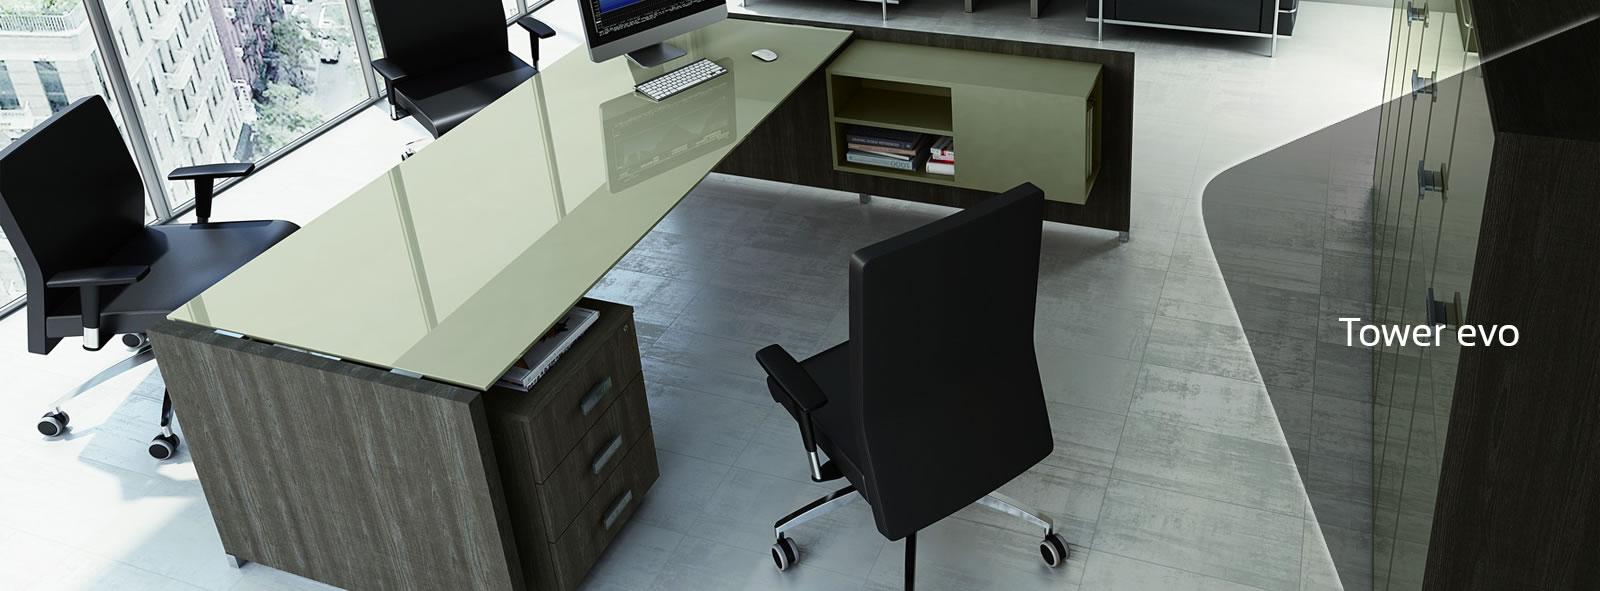 Muebles para oficinas leon guanajuato muebles de oficina escritorios ejecutivos sillas - Oficina de empleo leon ...